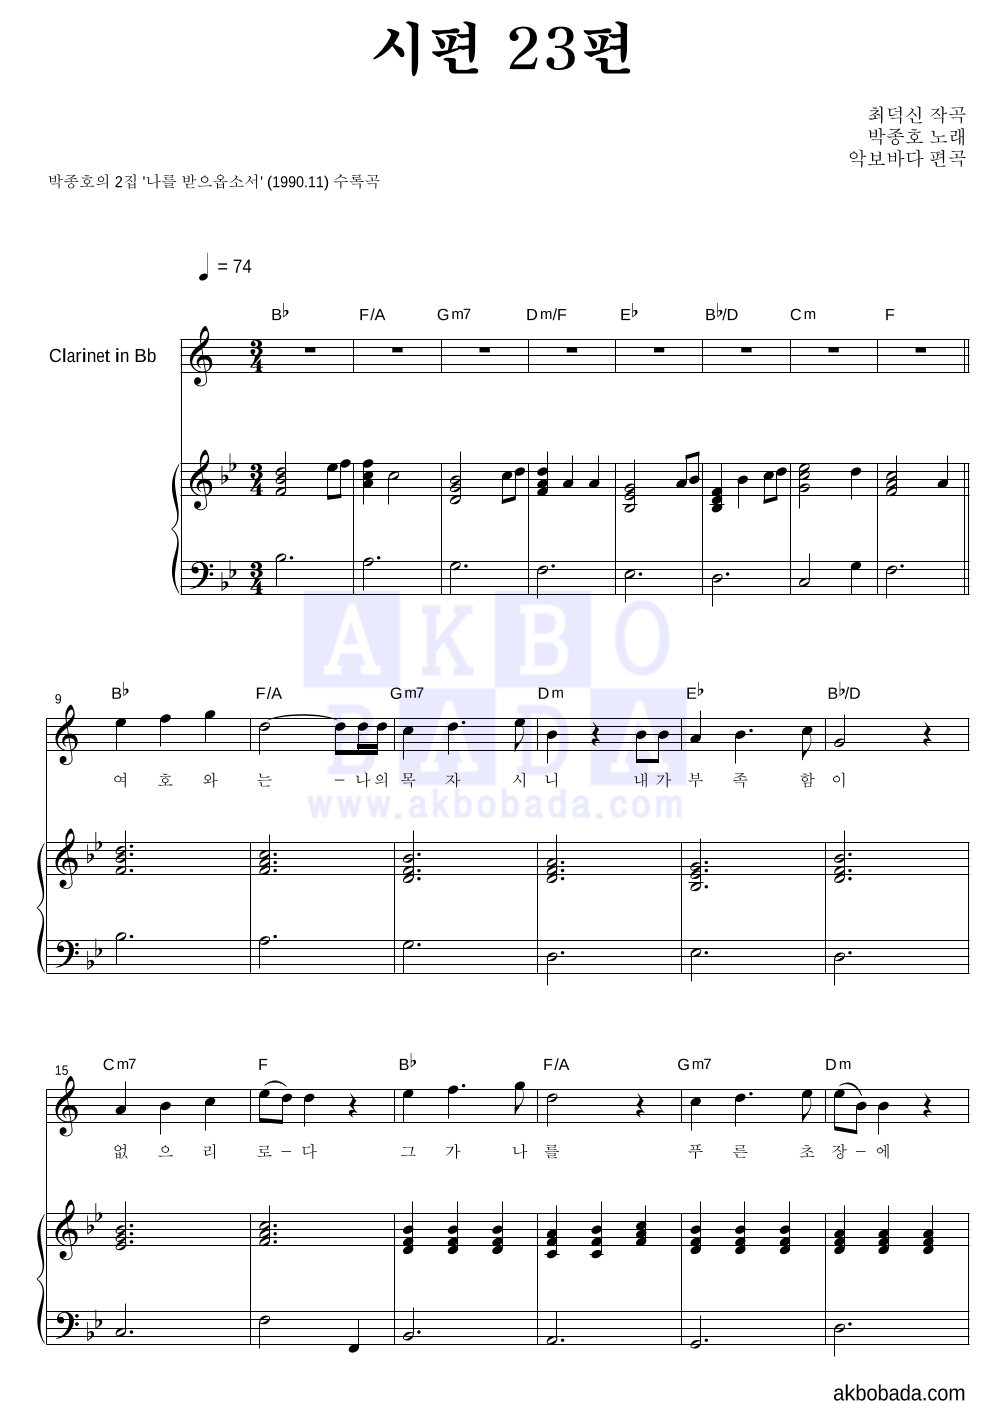 박종호 - 시편 23편 클라리넷&피아노 악보